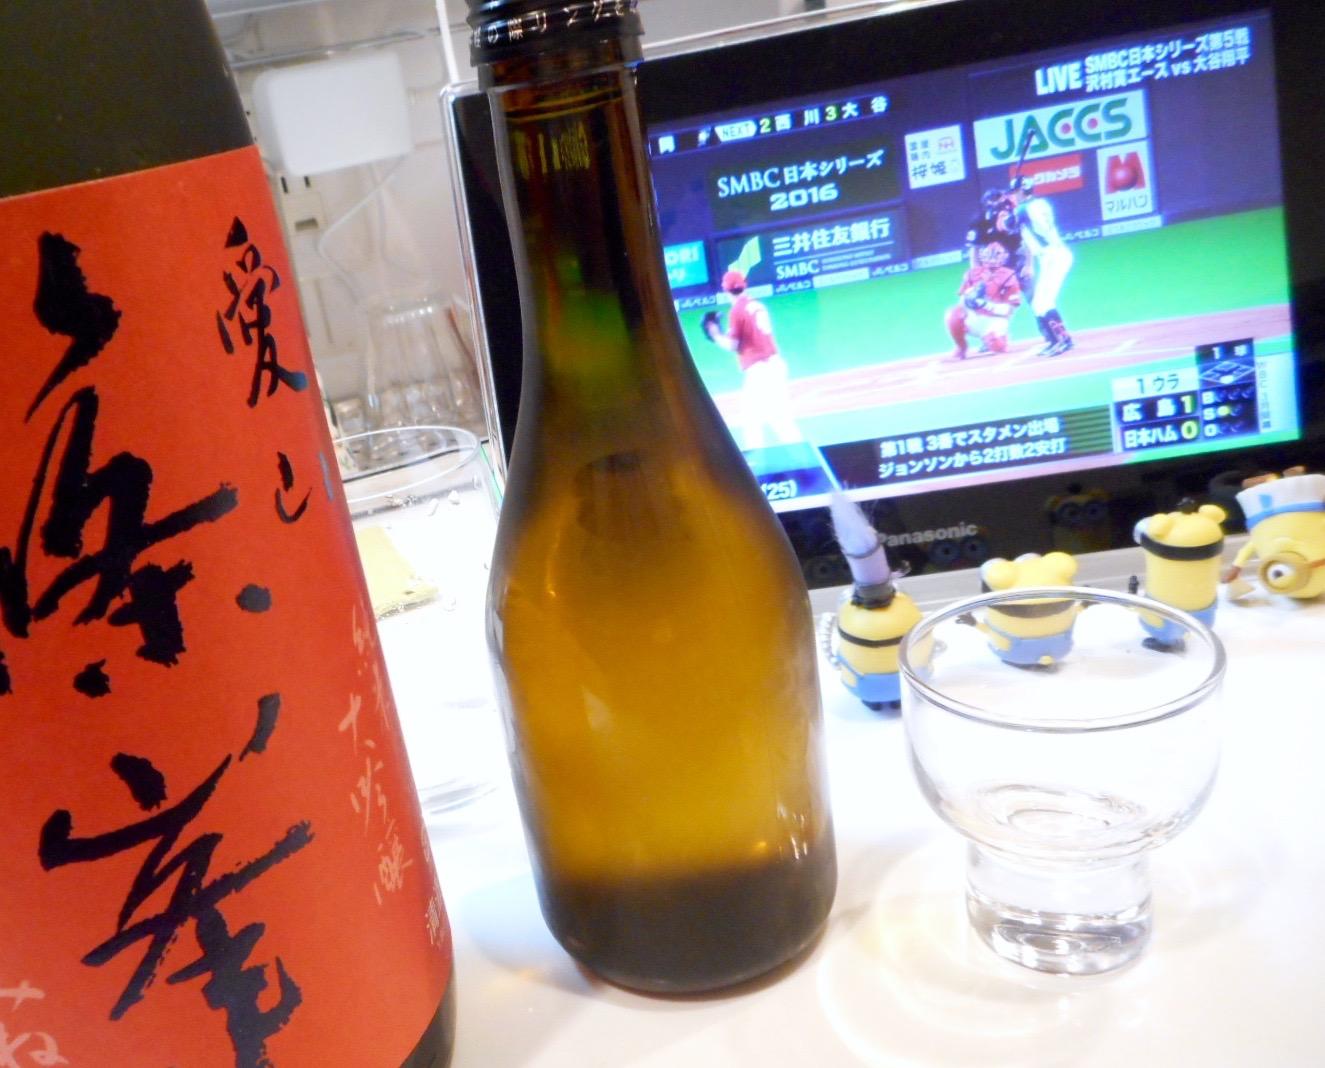 shinomine_aiyama45nama26by6.jpg